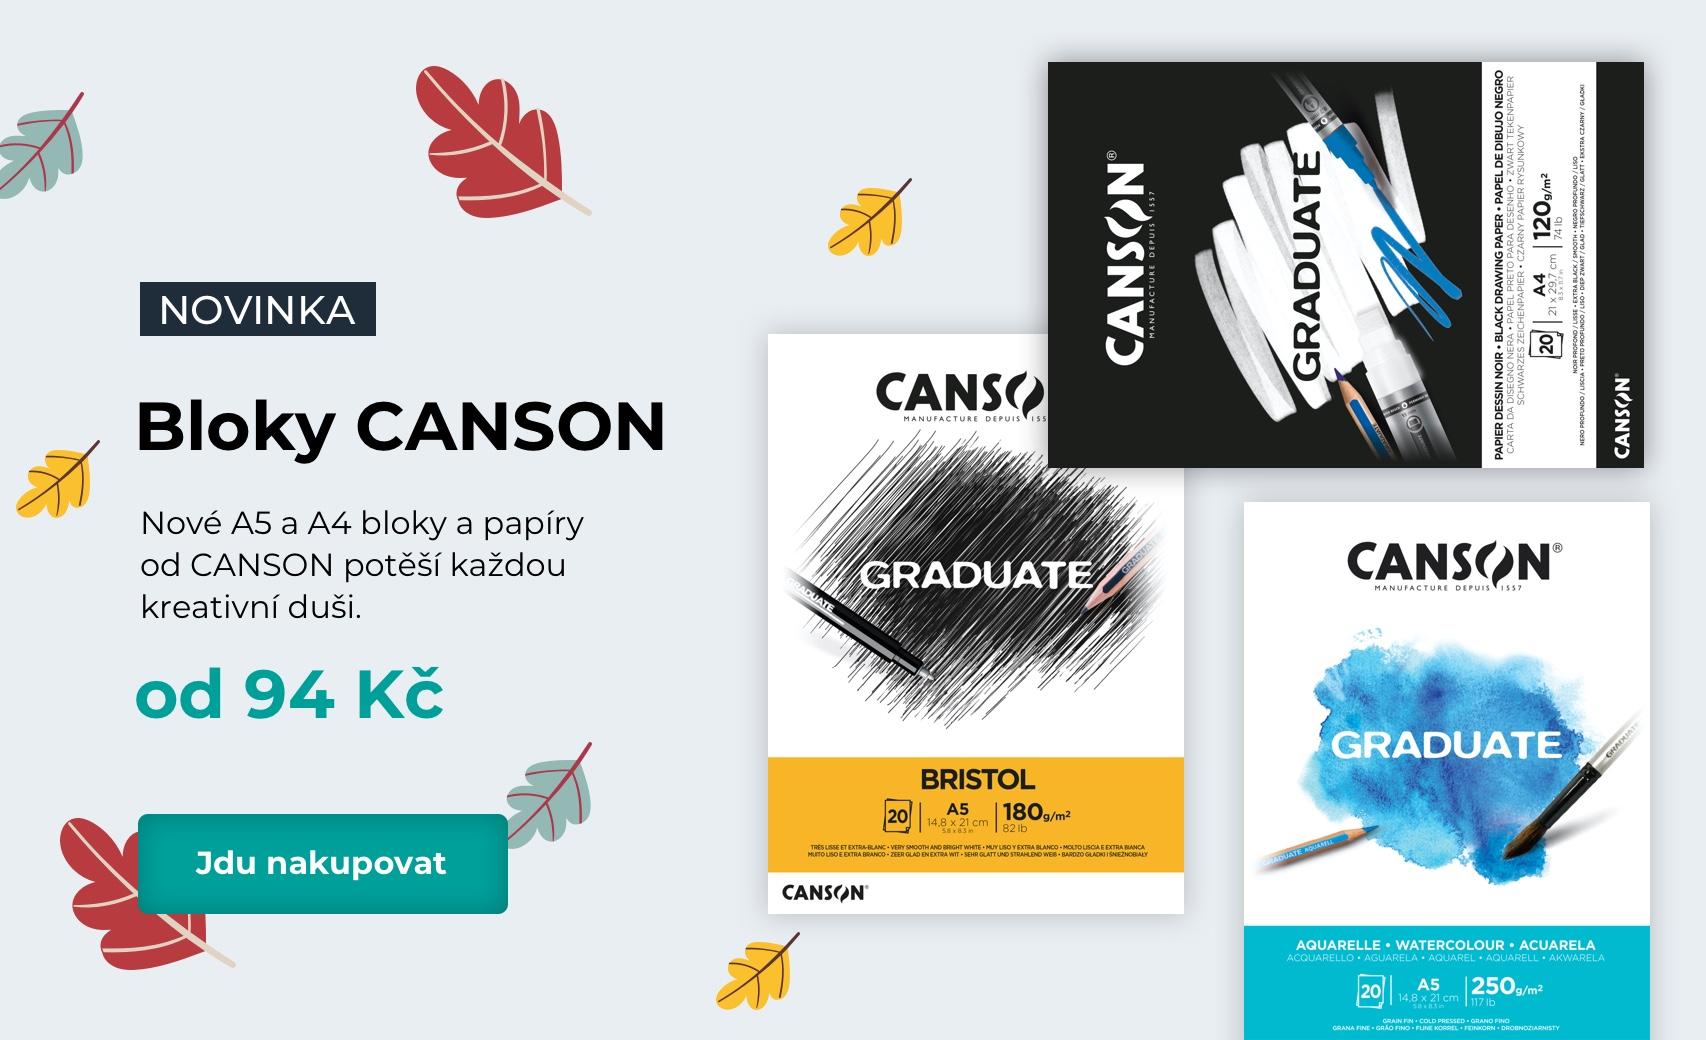 Nové A5 a A4 bloky a papíry  od CANSON potěší každou  kreativní duši.